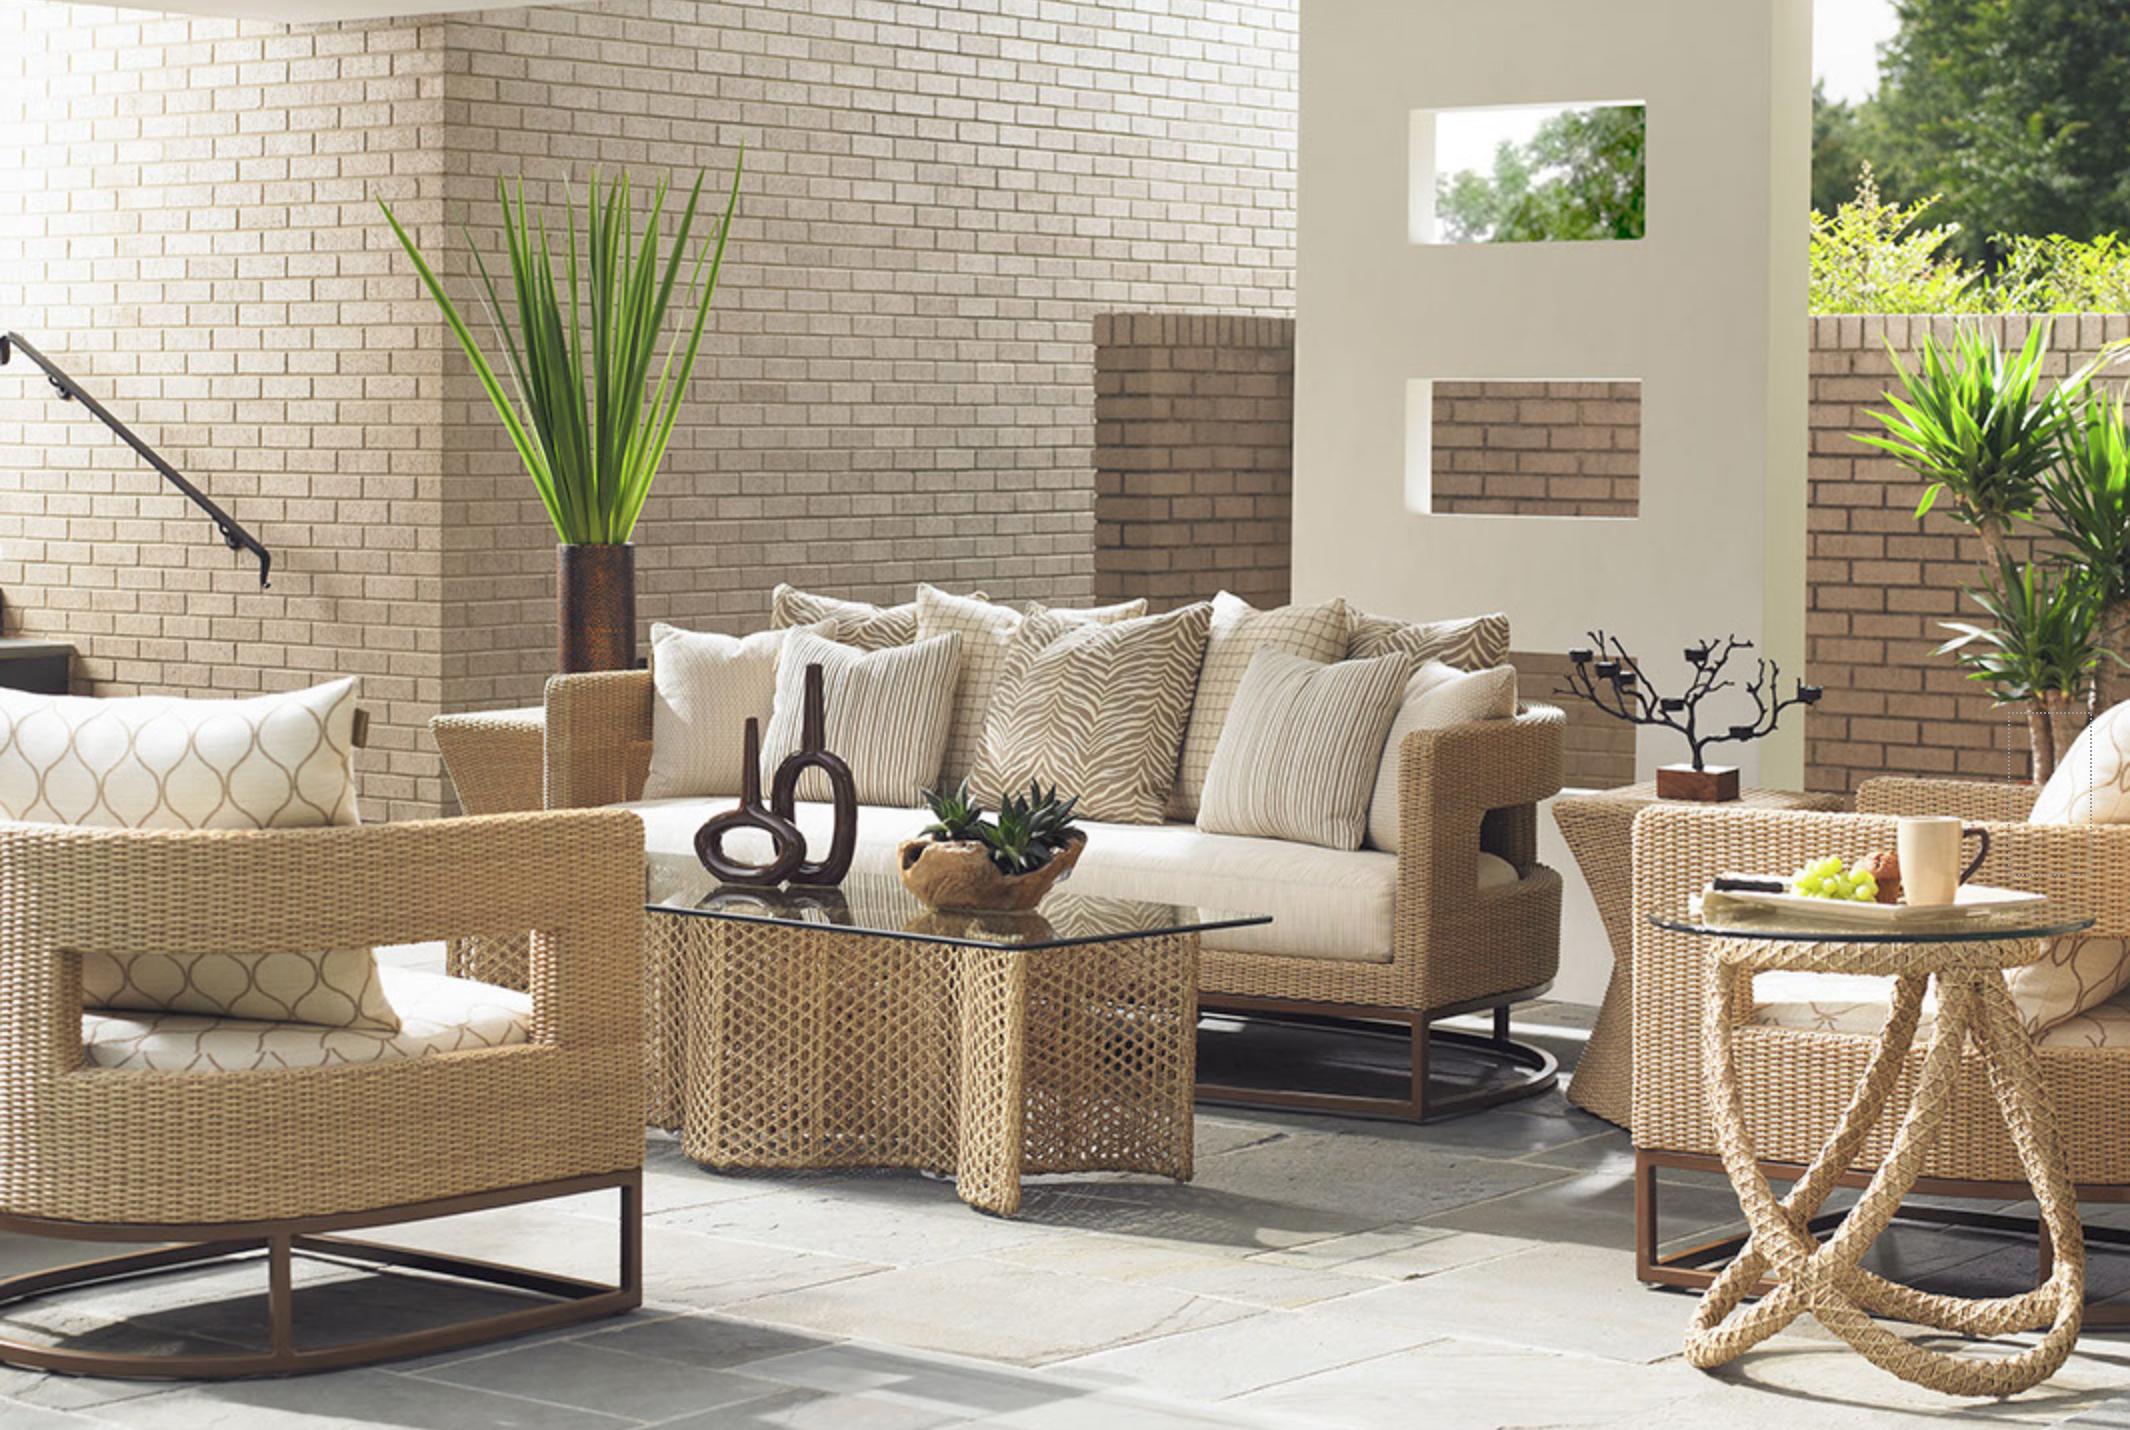 WO_Home Fashion_Furniture4